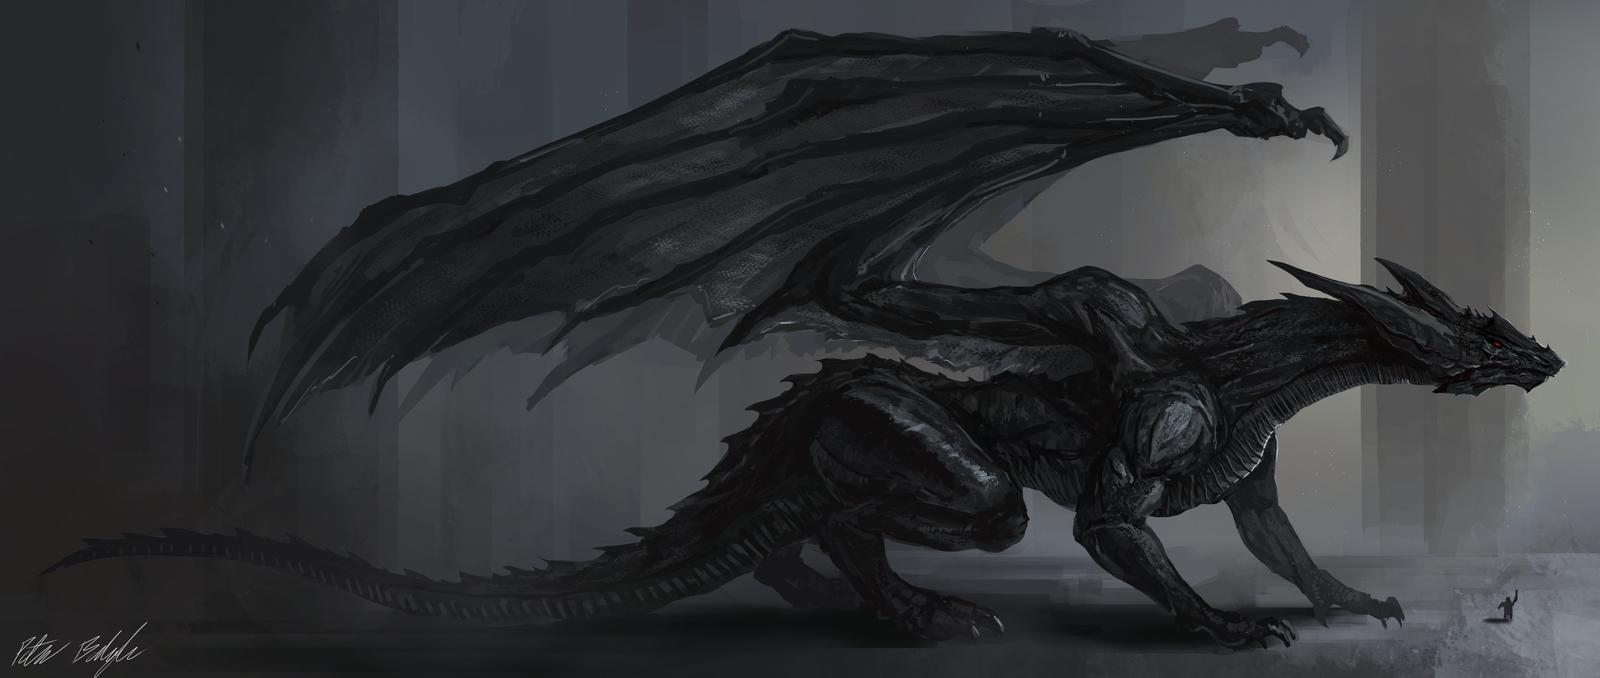 Black Dragon Wallpaper Hd Sf Wallpaper